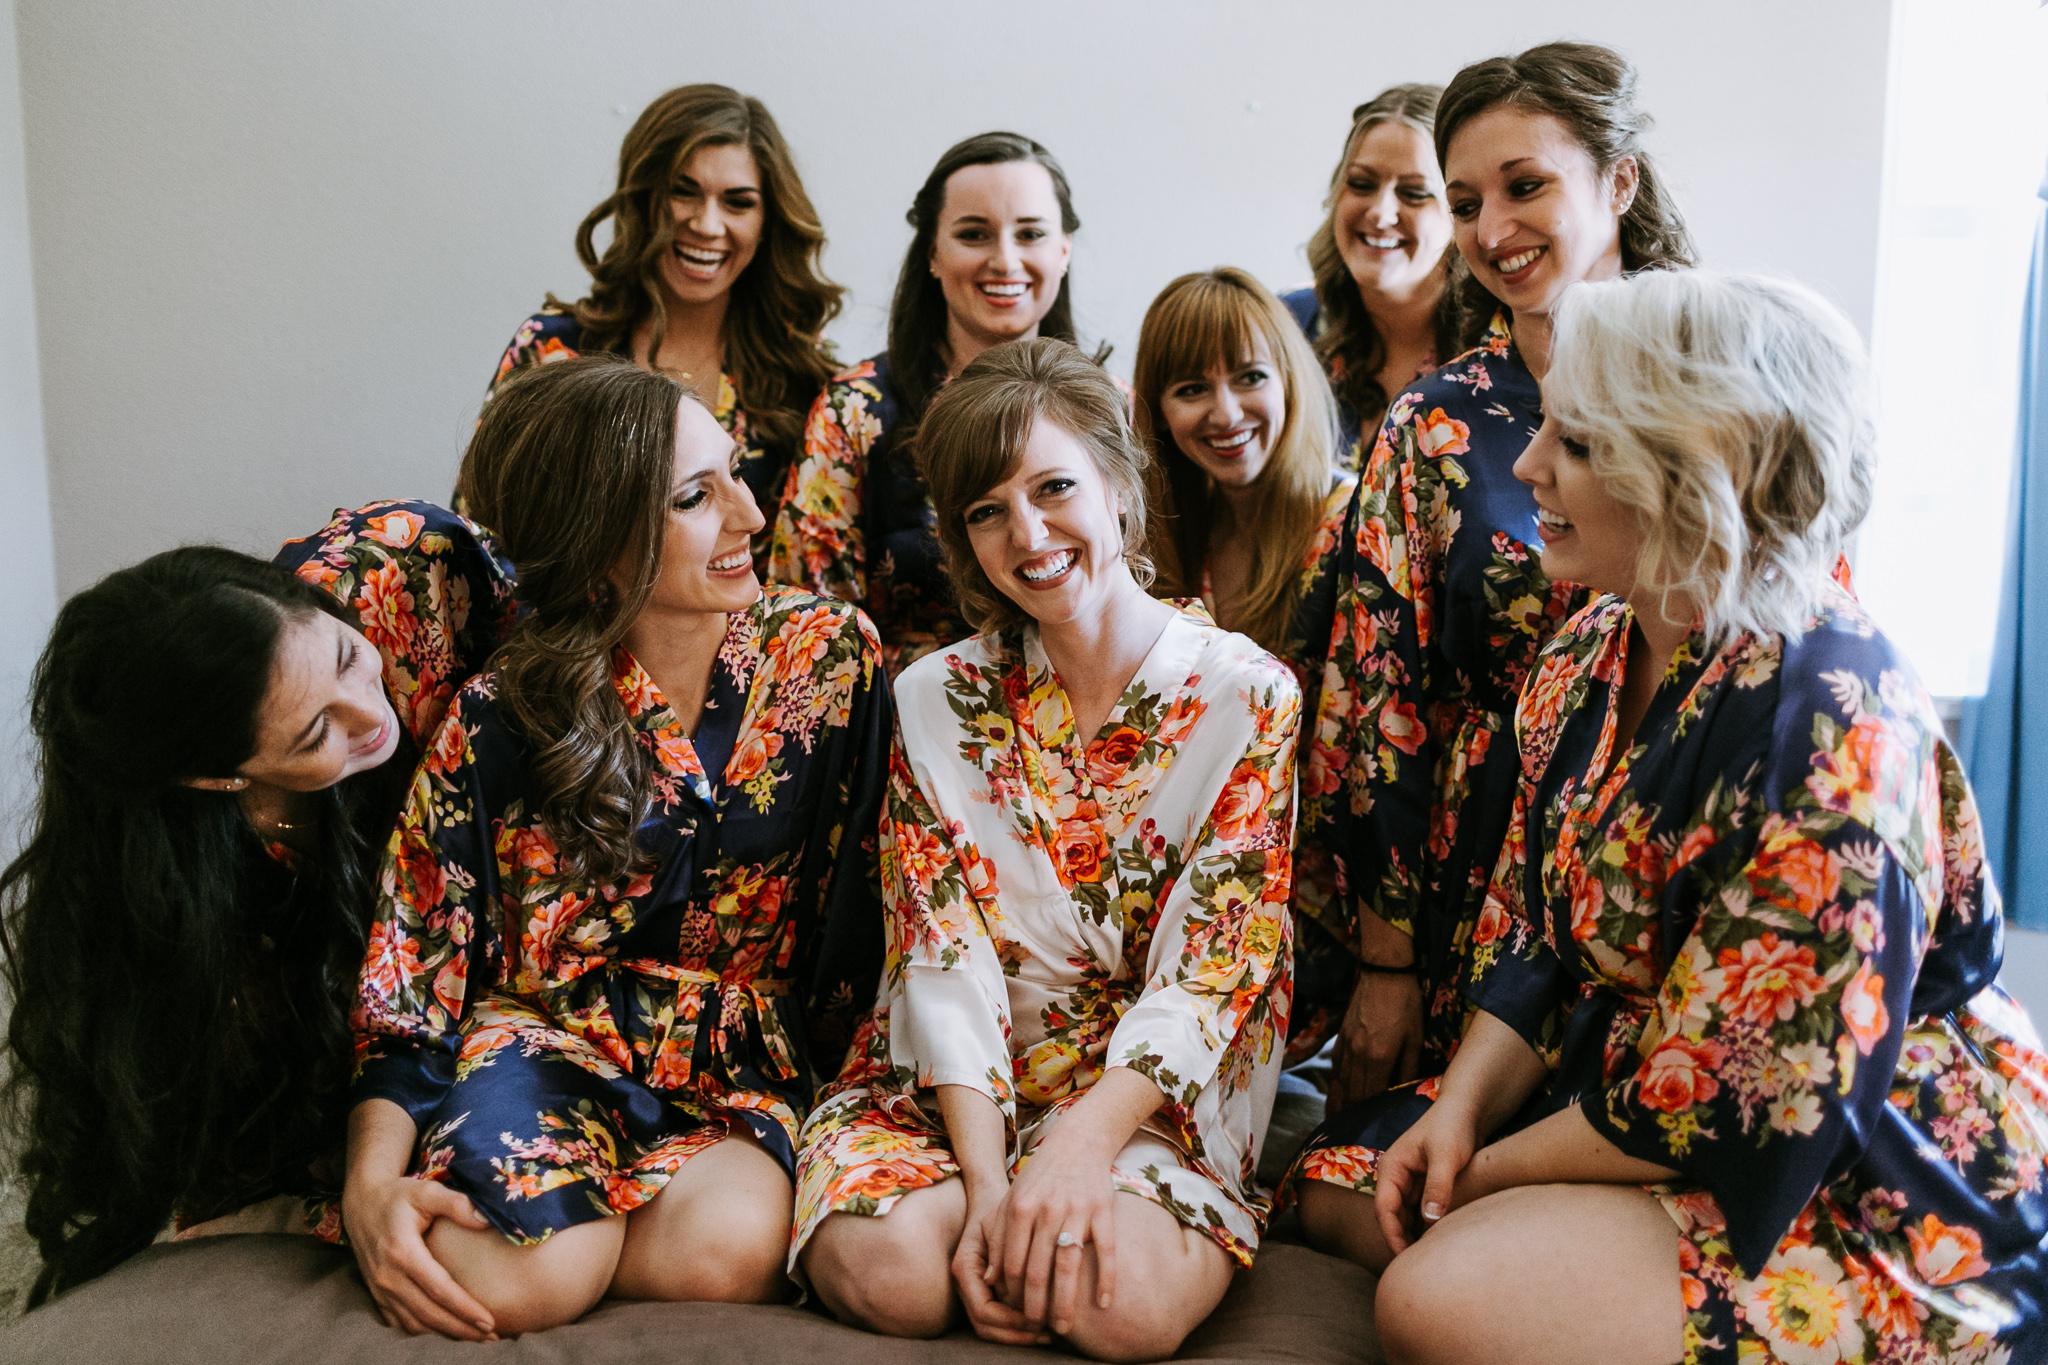 BayArea-Wedding-Photographer-6.jpg